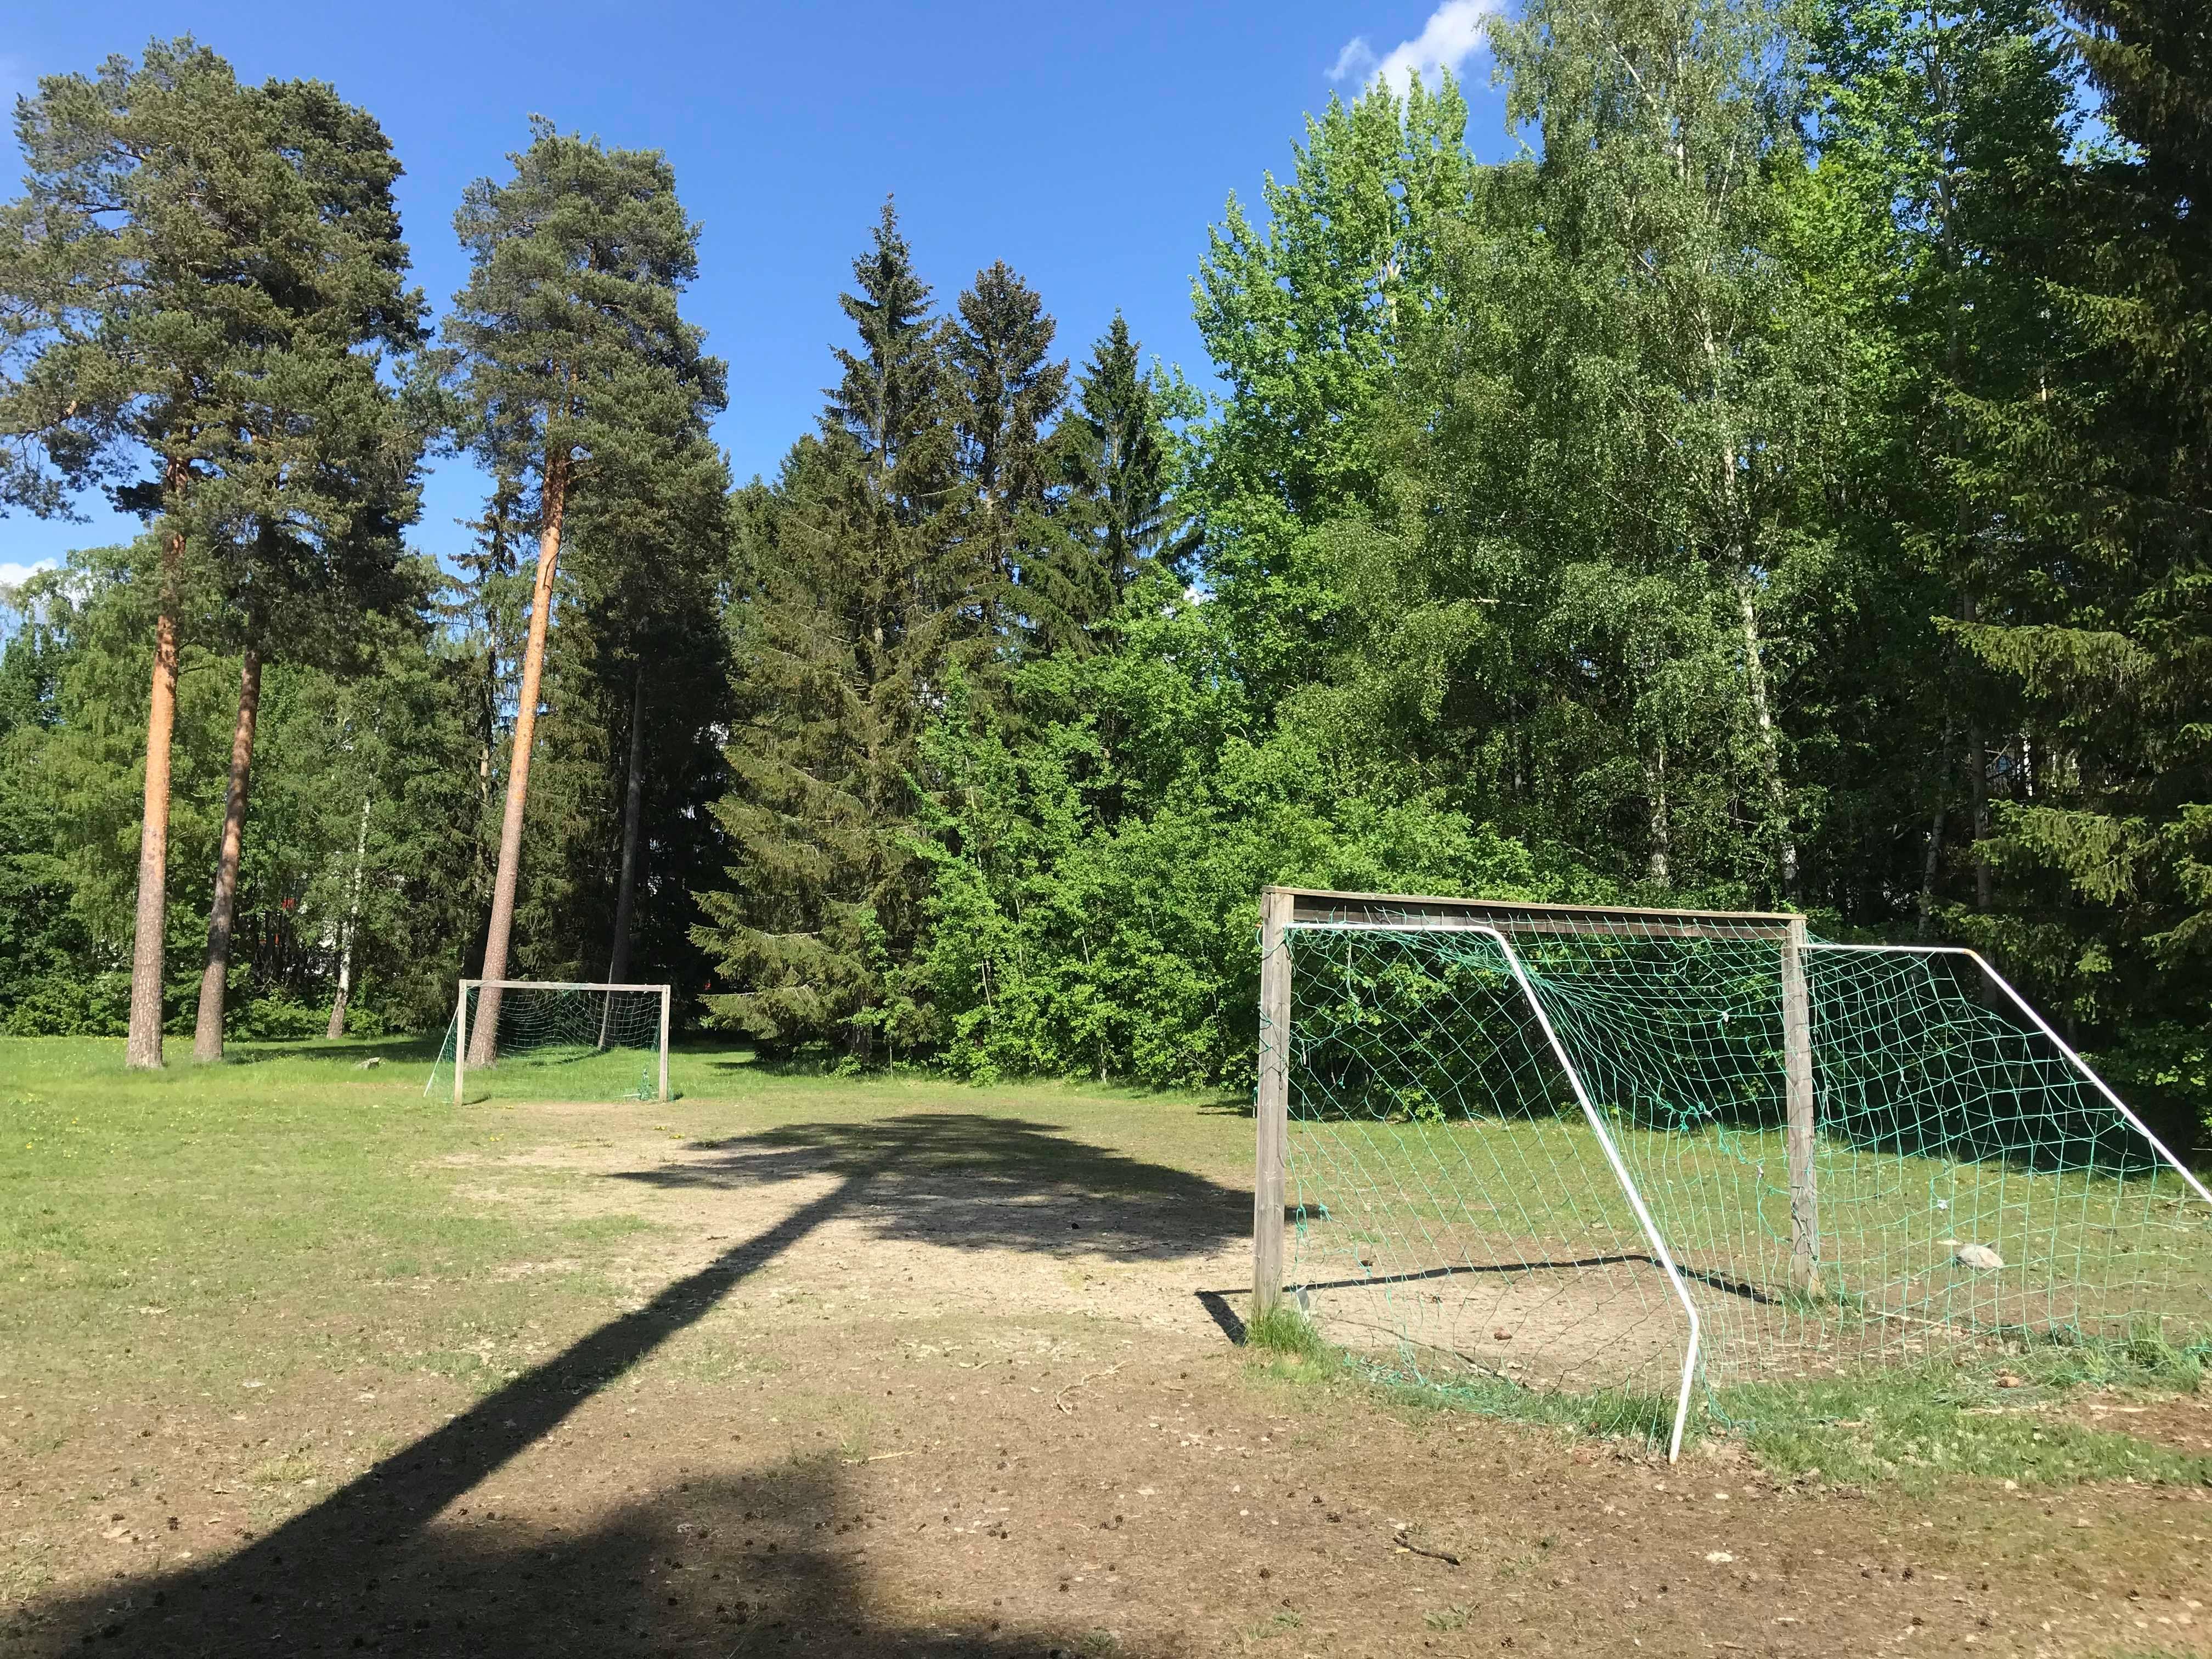 Fotbollsplan i närheten